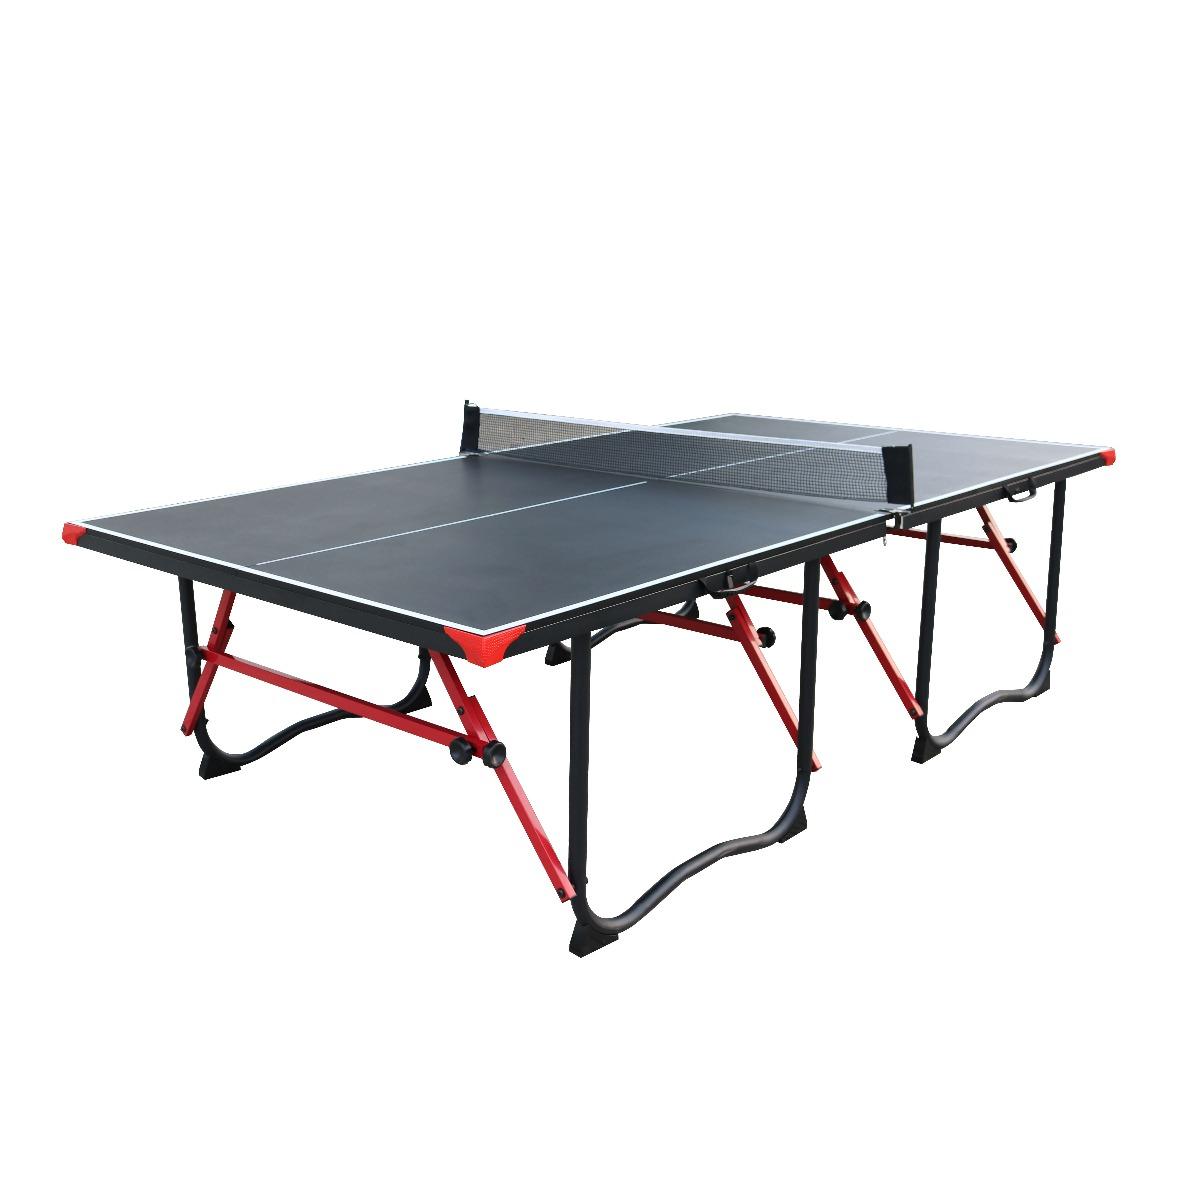 Masa de ping pong pliabila pentru interior Action, 274 x 152.5 x 76 cm